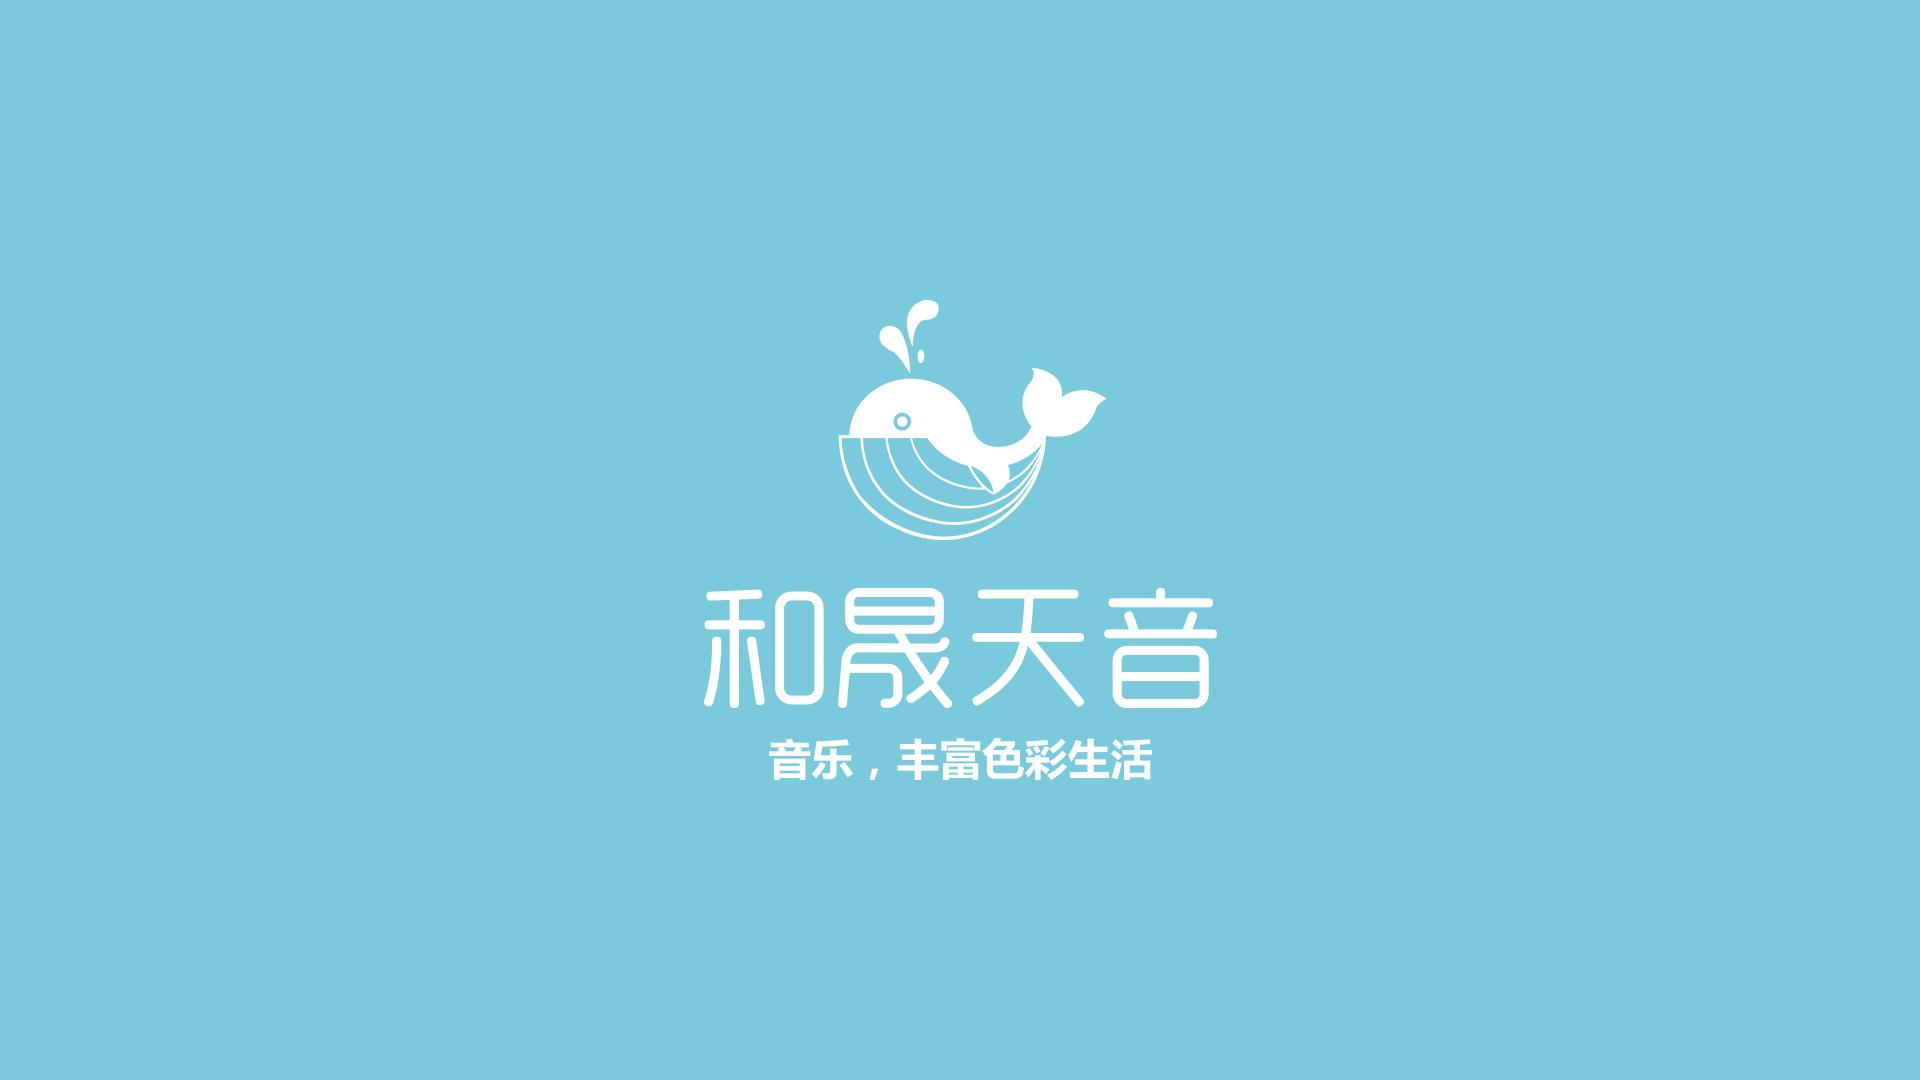 和晟天音-02.jpg